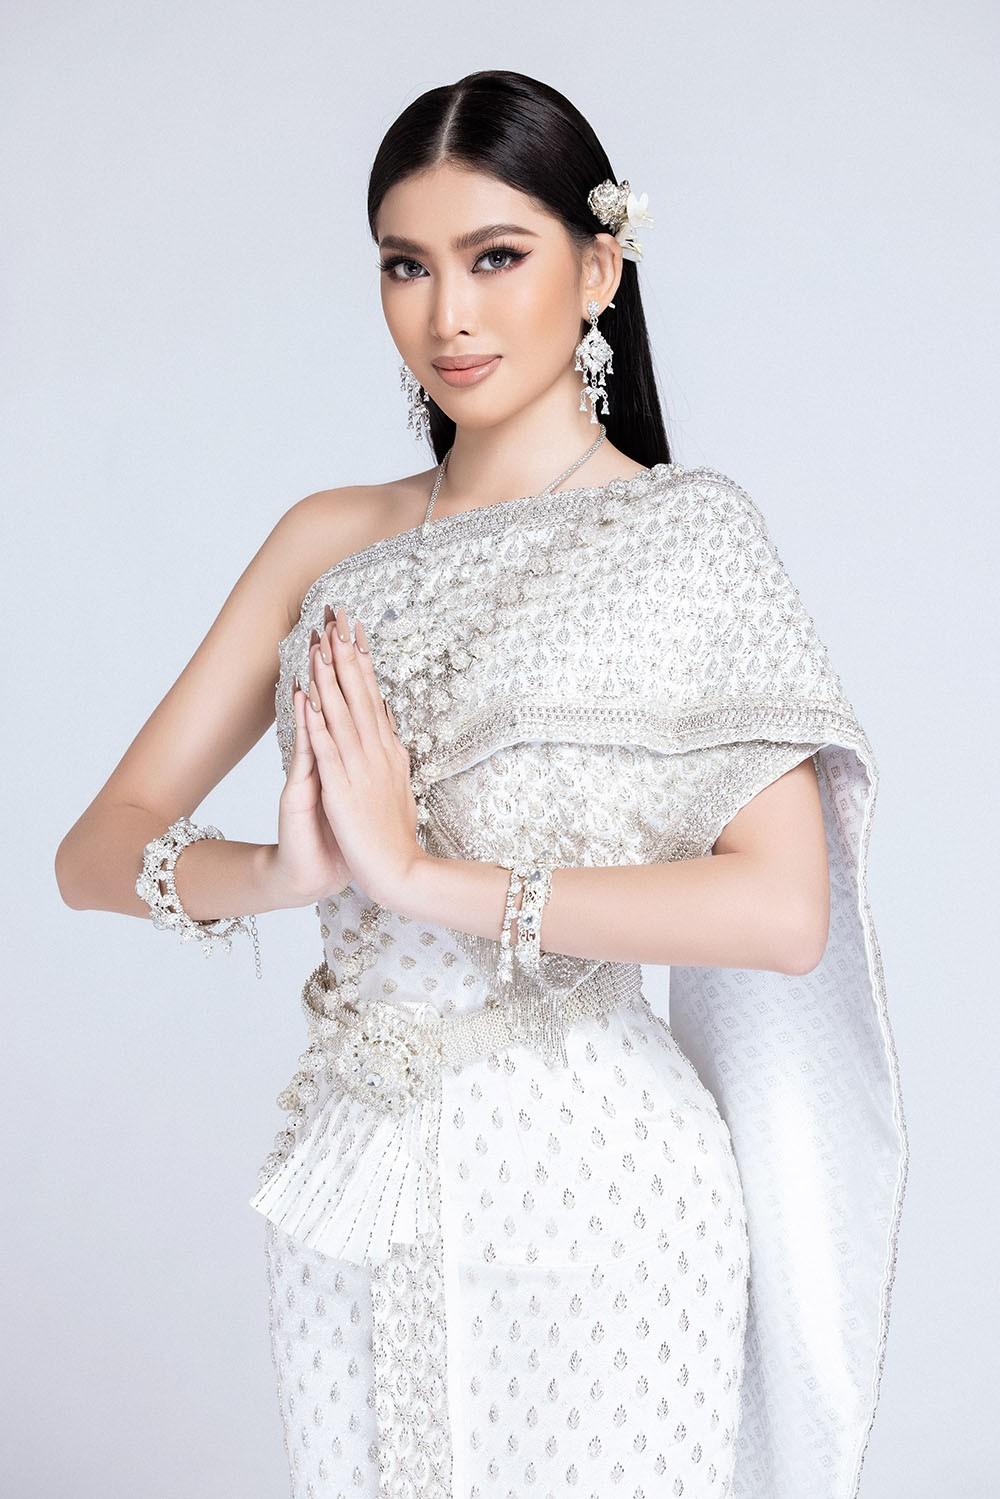 Sau khi bị hack instagram, Ngọc Thảo tung bộ ảnh đẹp 'đỉnh cao' khi mặc quốc phục Thái Lan ảnh 2